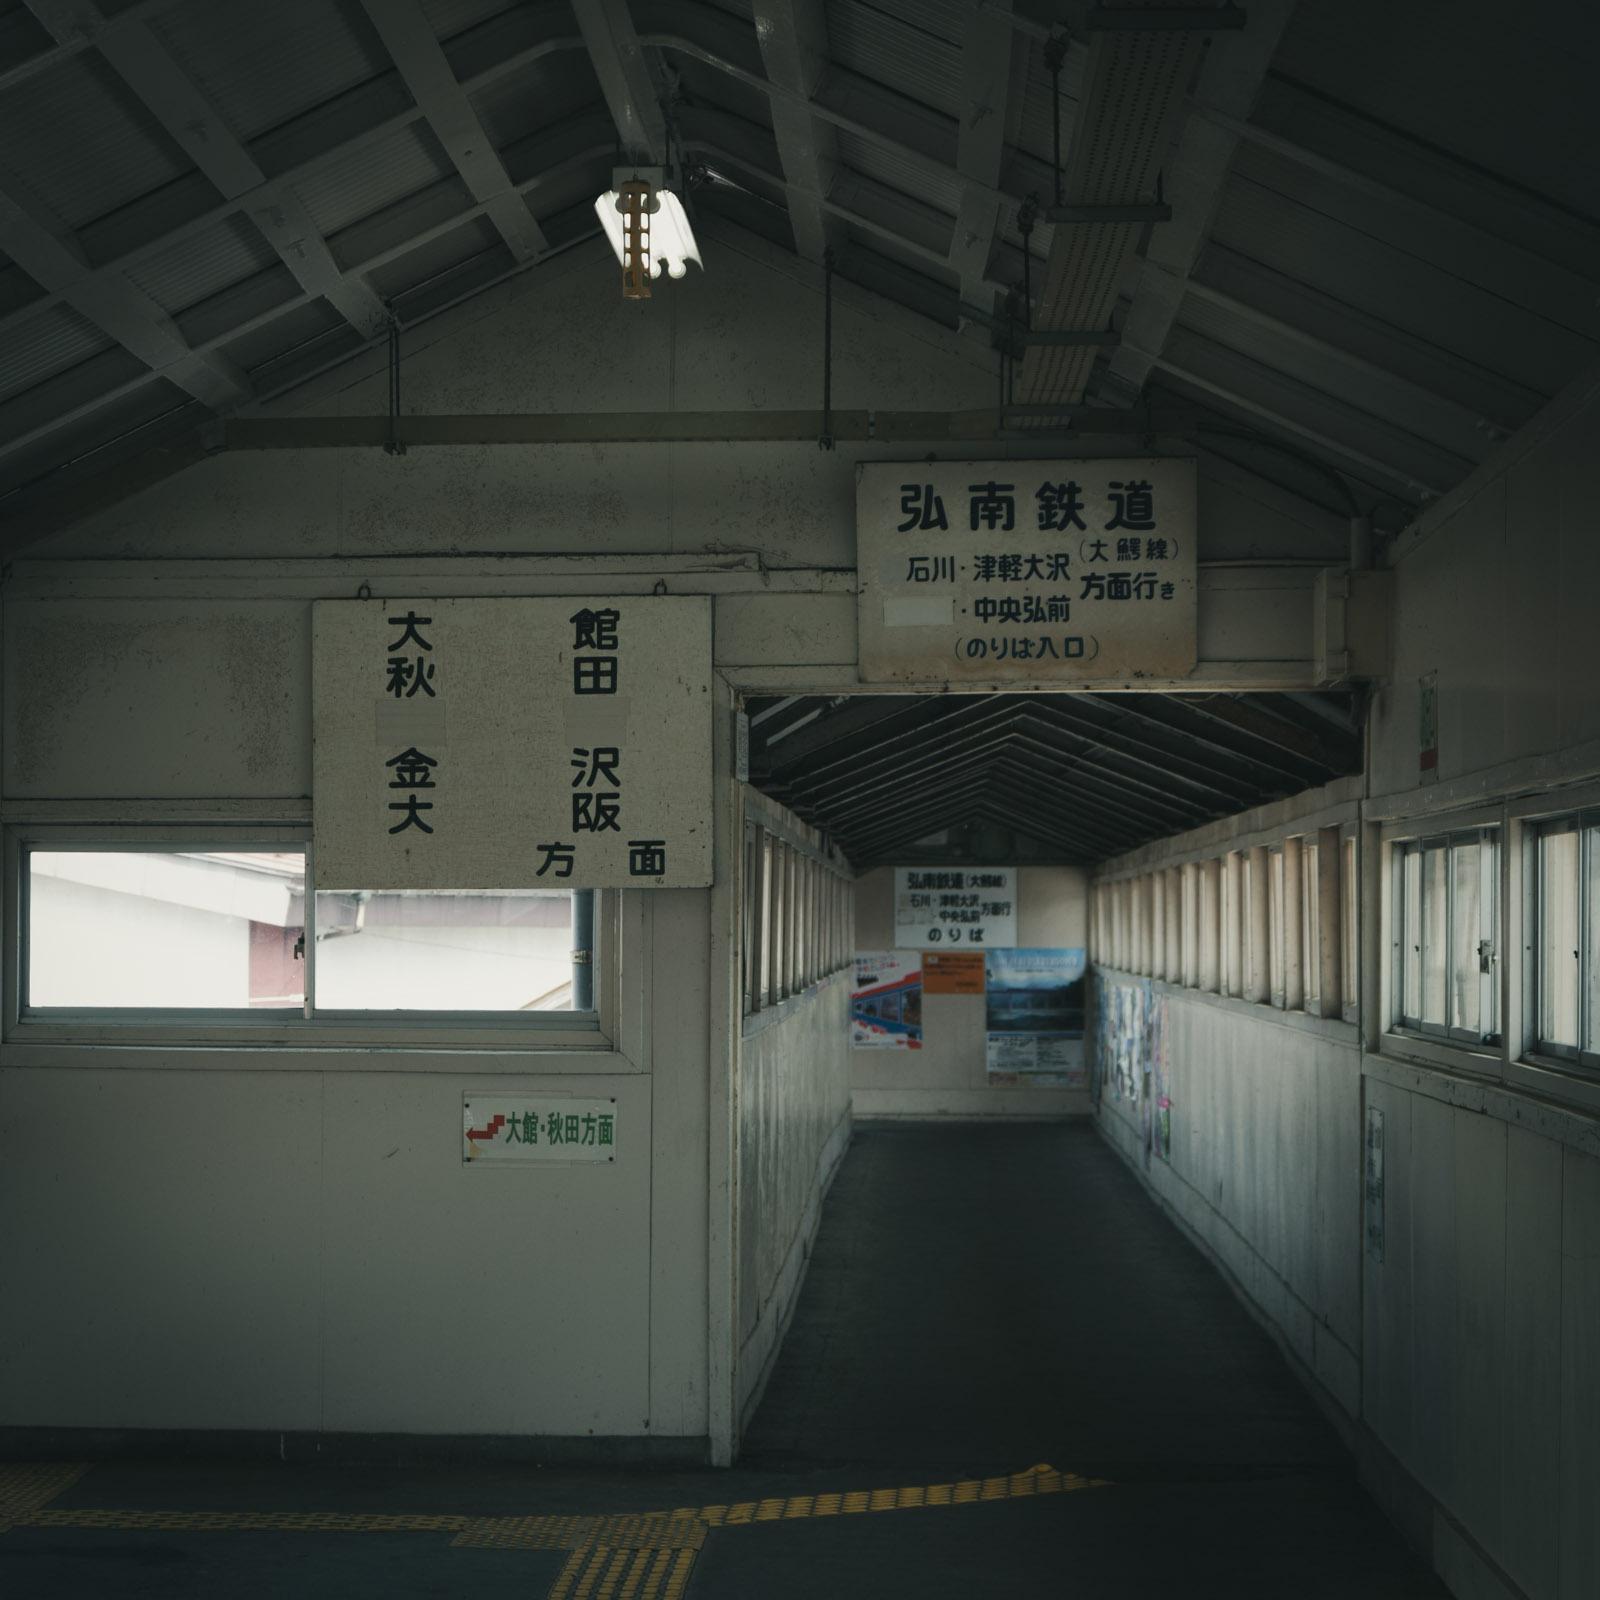 NIKON D90 + TOKINA 16-50mm